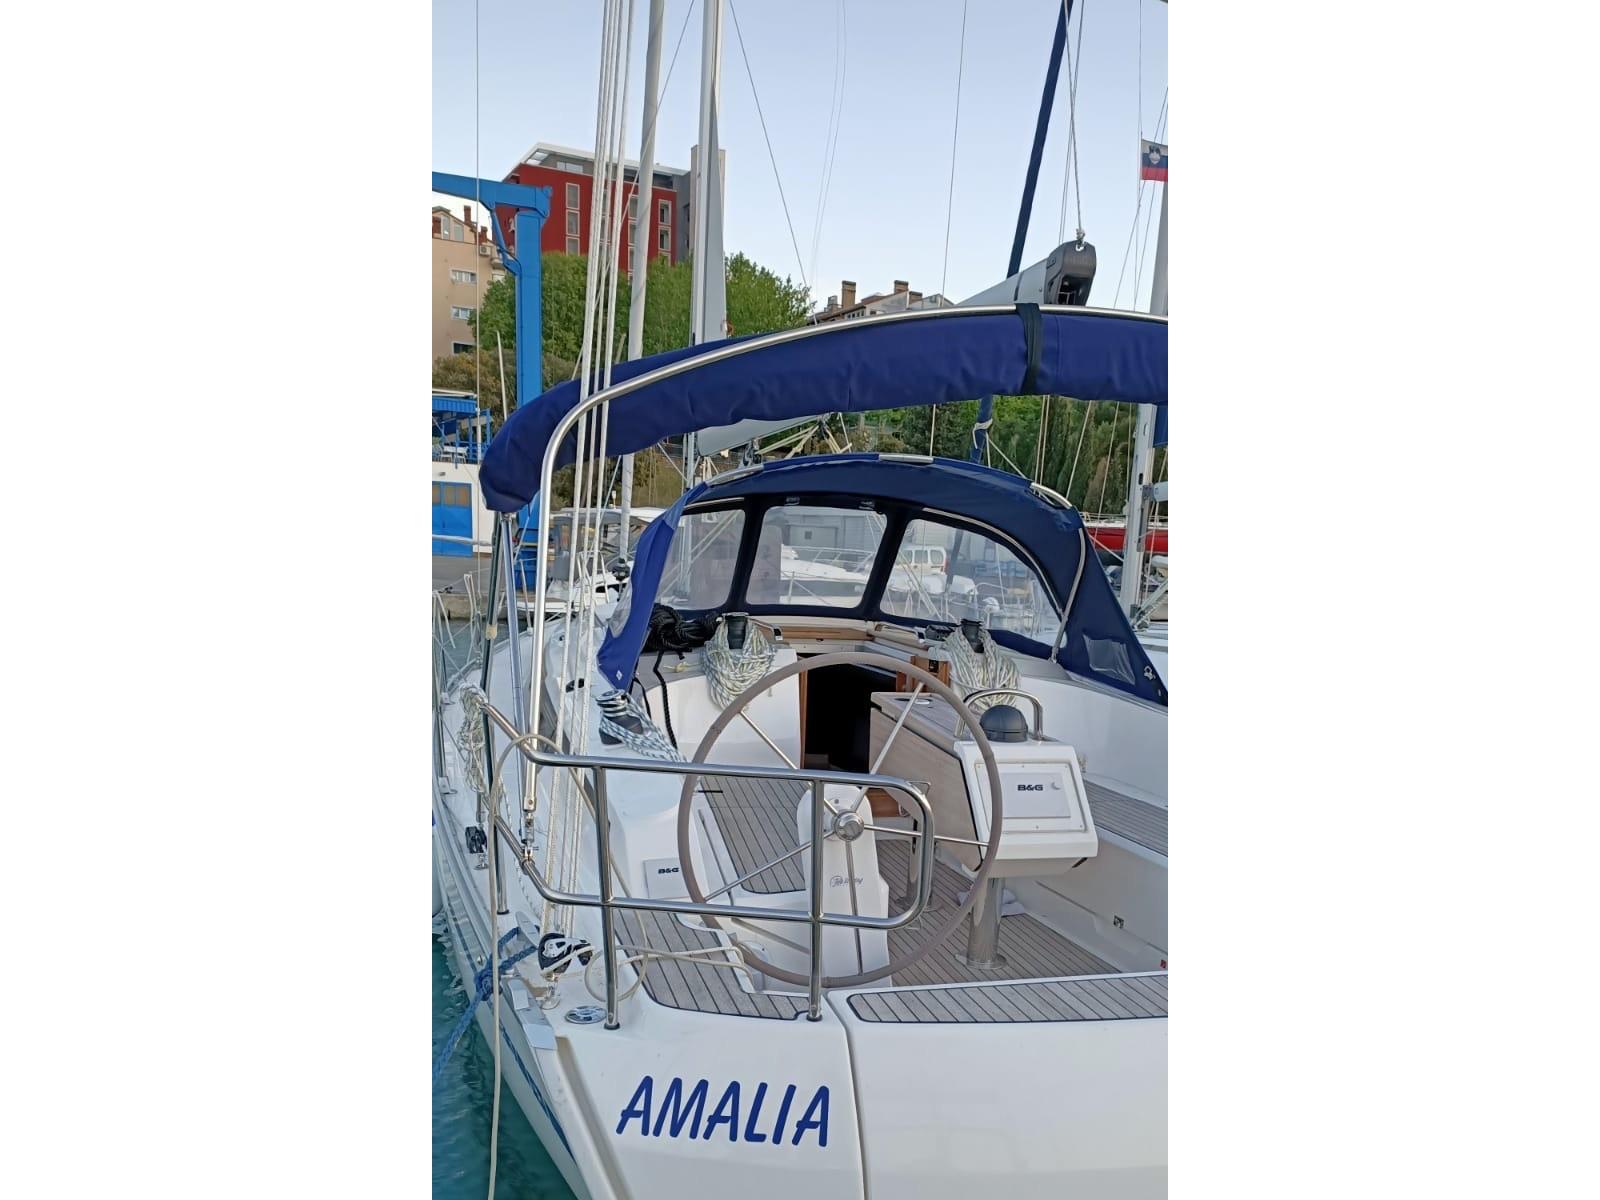 Bavaria Cruiser 37 (AMALIA) Main image - 0